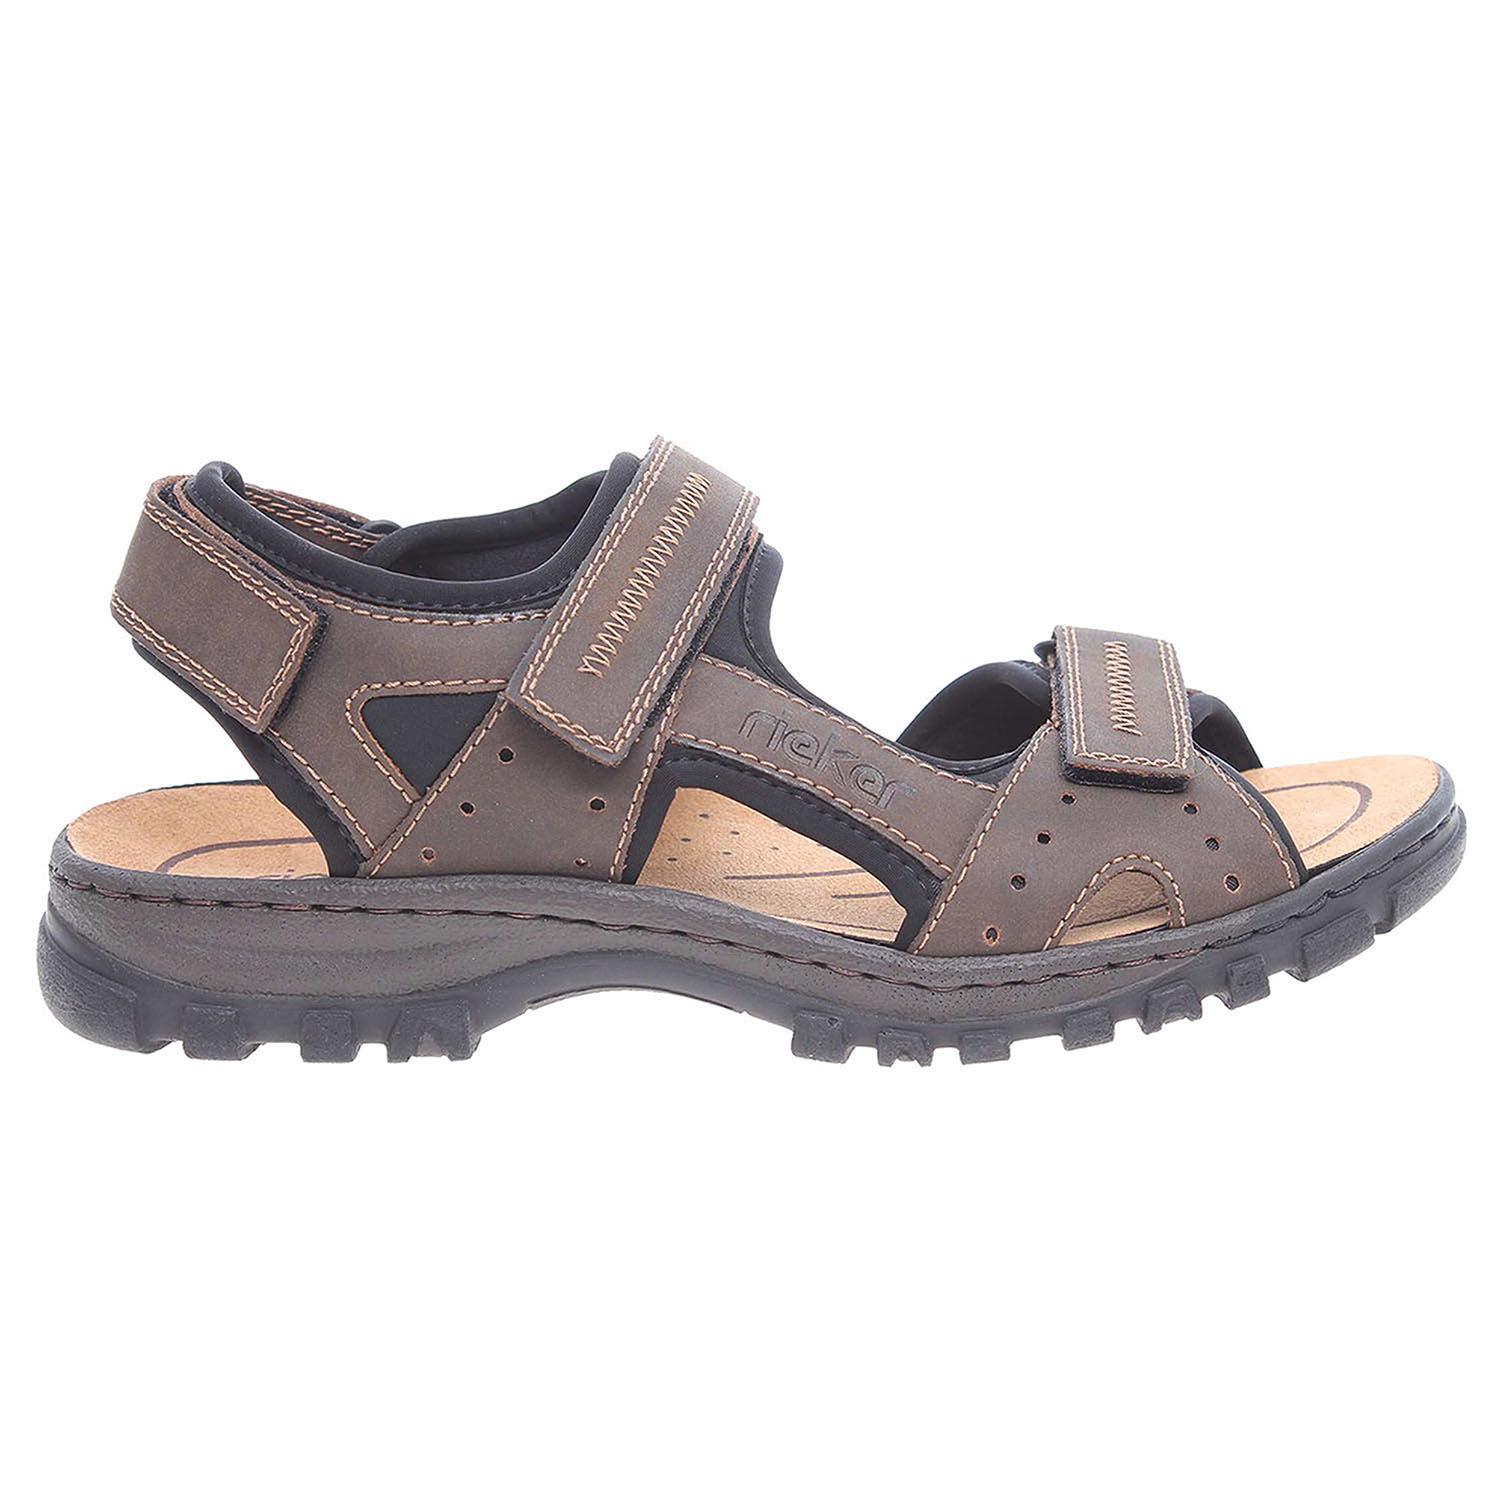 Ecco Rieker pánské sandály 25063-25 hnědé 24700174